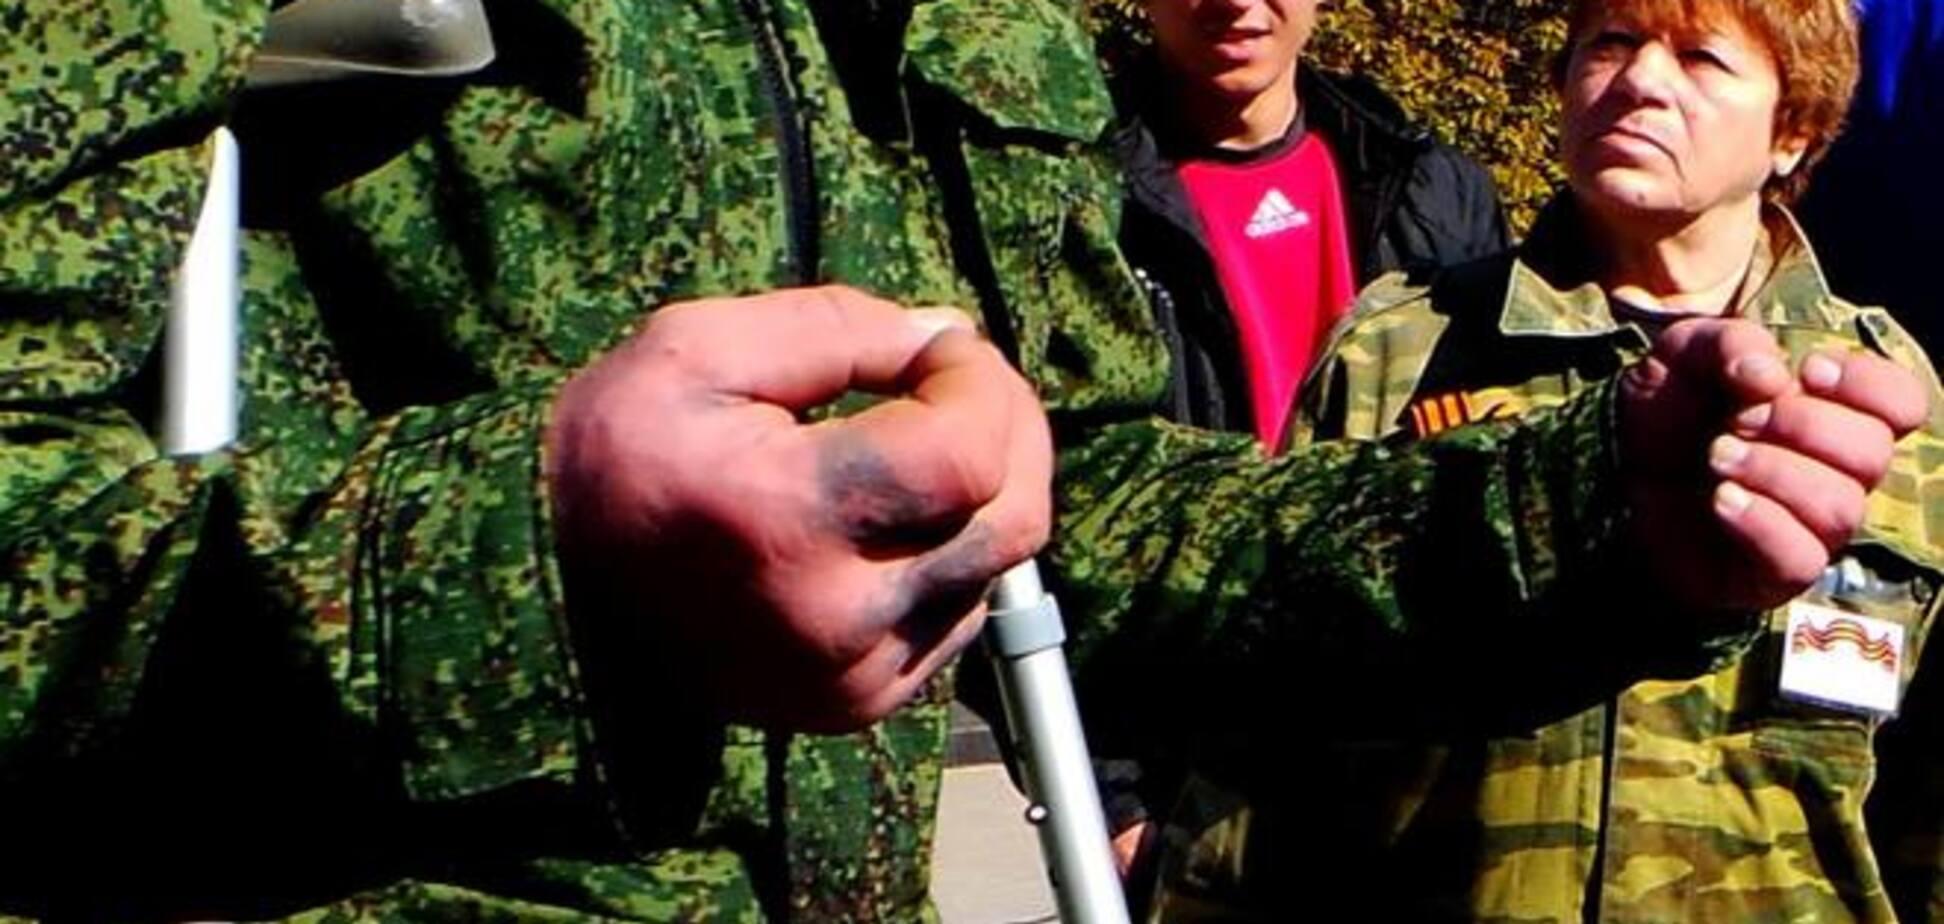 В Донецке люди со свастикой требовали отменить 'выборы' и объявить войну Украине